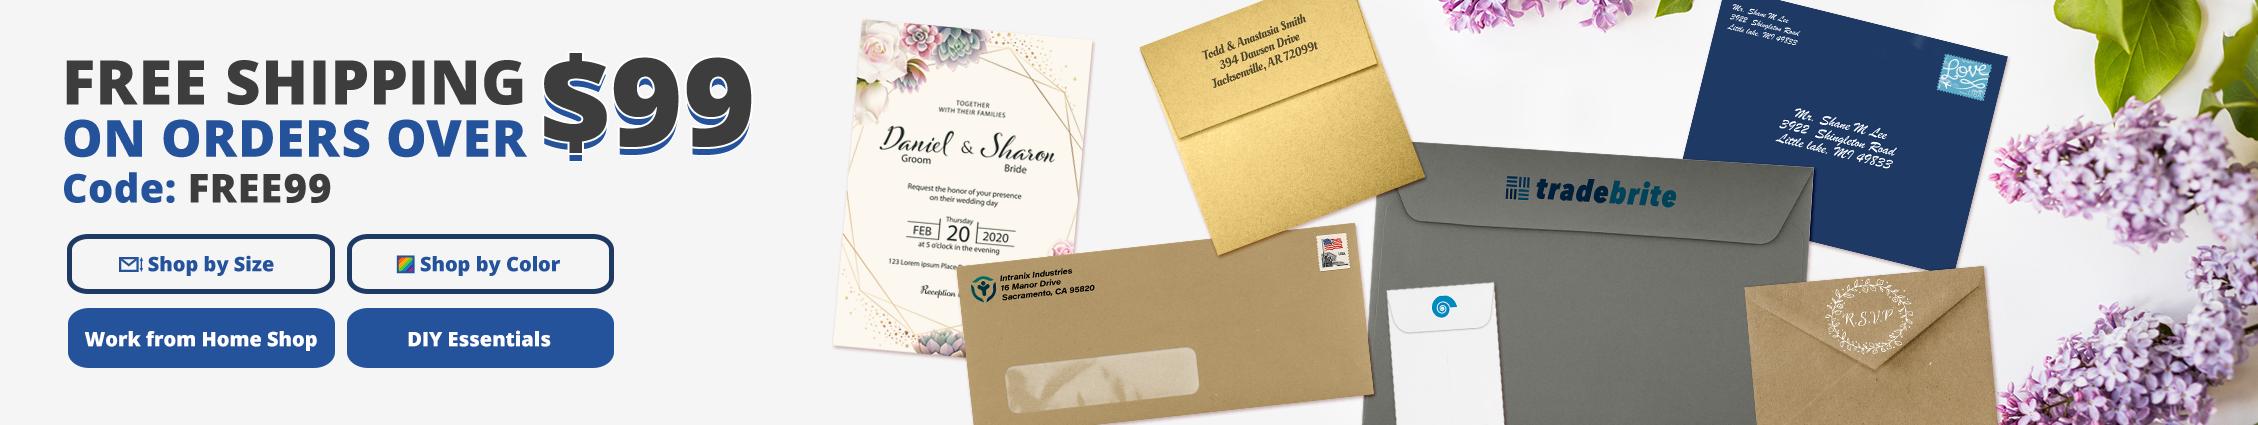 Free Shipping | Envelopes.com